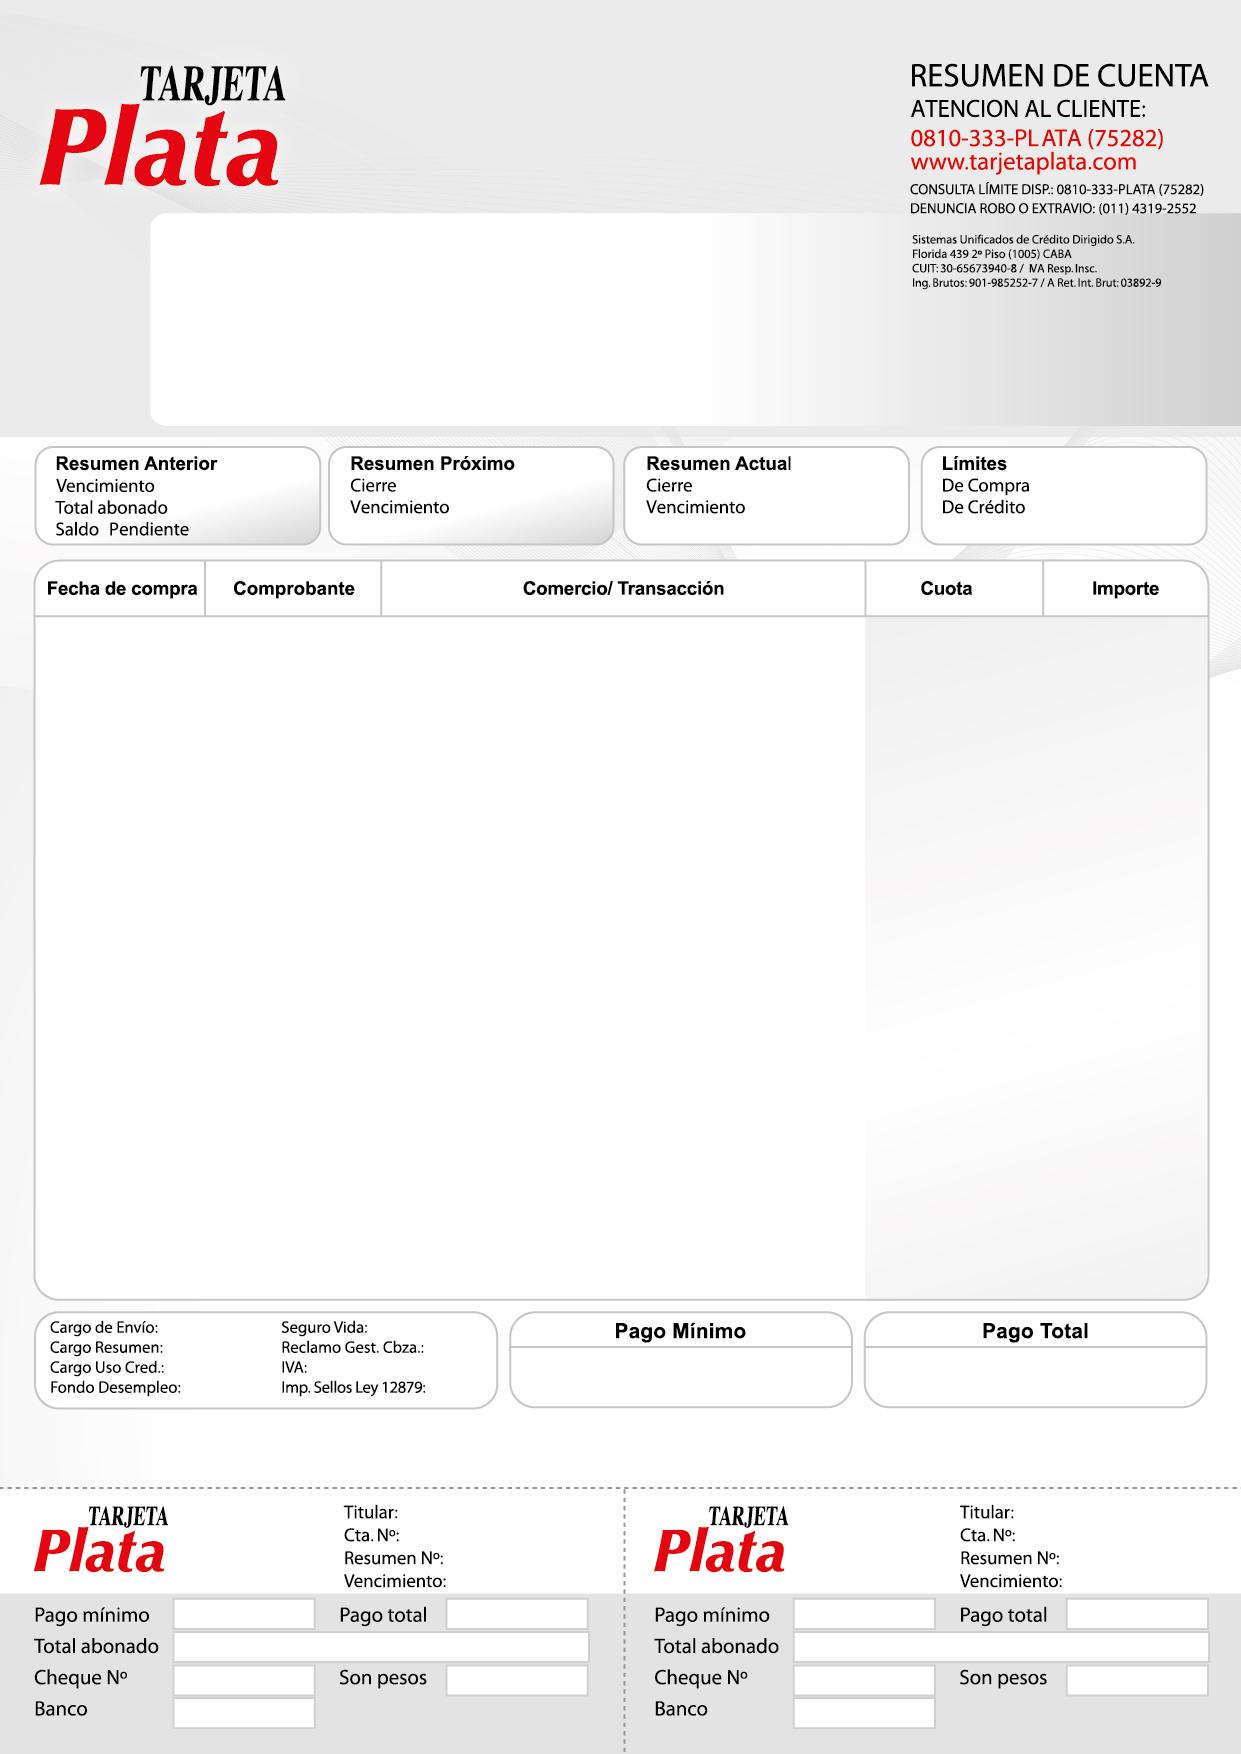 muestras resumenes de cuenta_Mesa de trabajo 1 copia 8